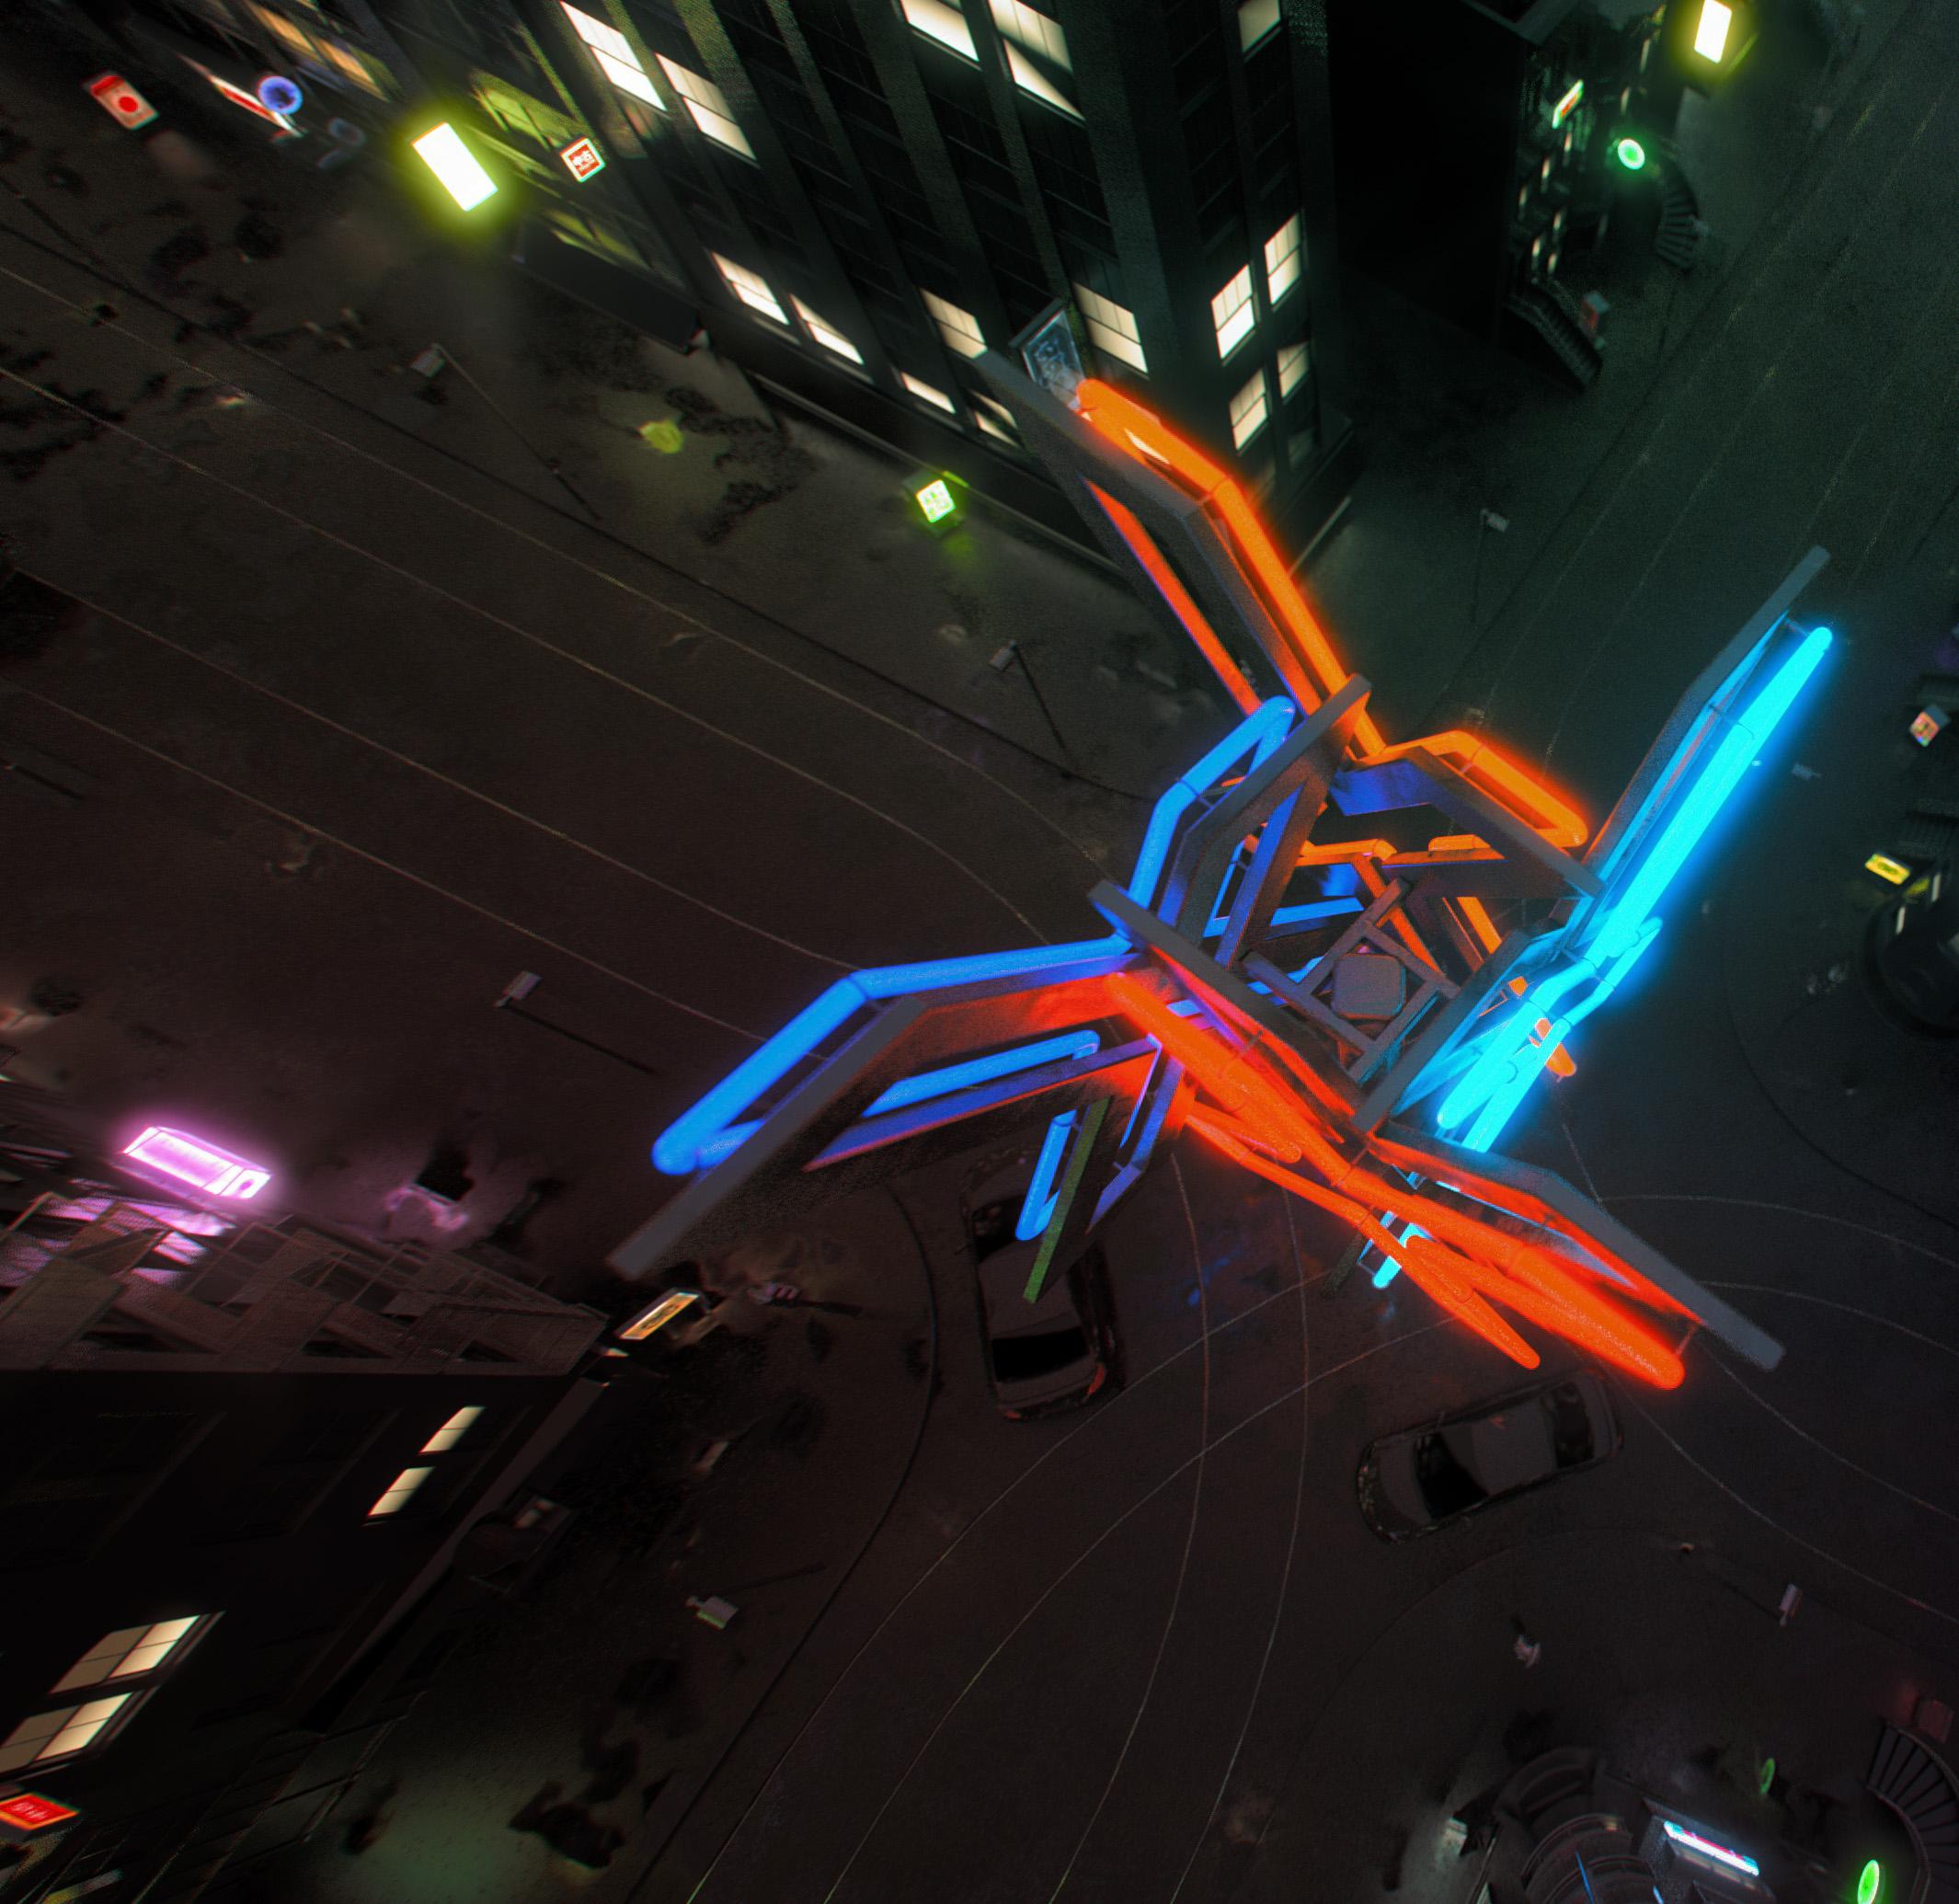 X_Neon_FlyThrough_CLR_00191_3840.jpg